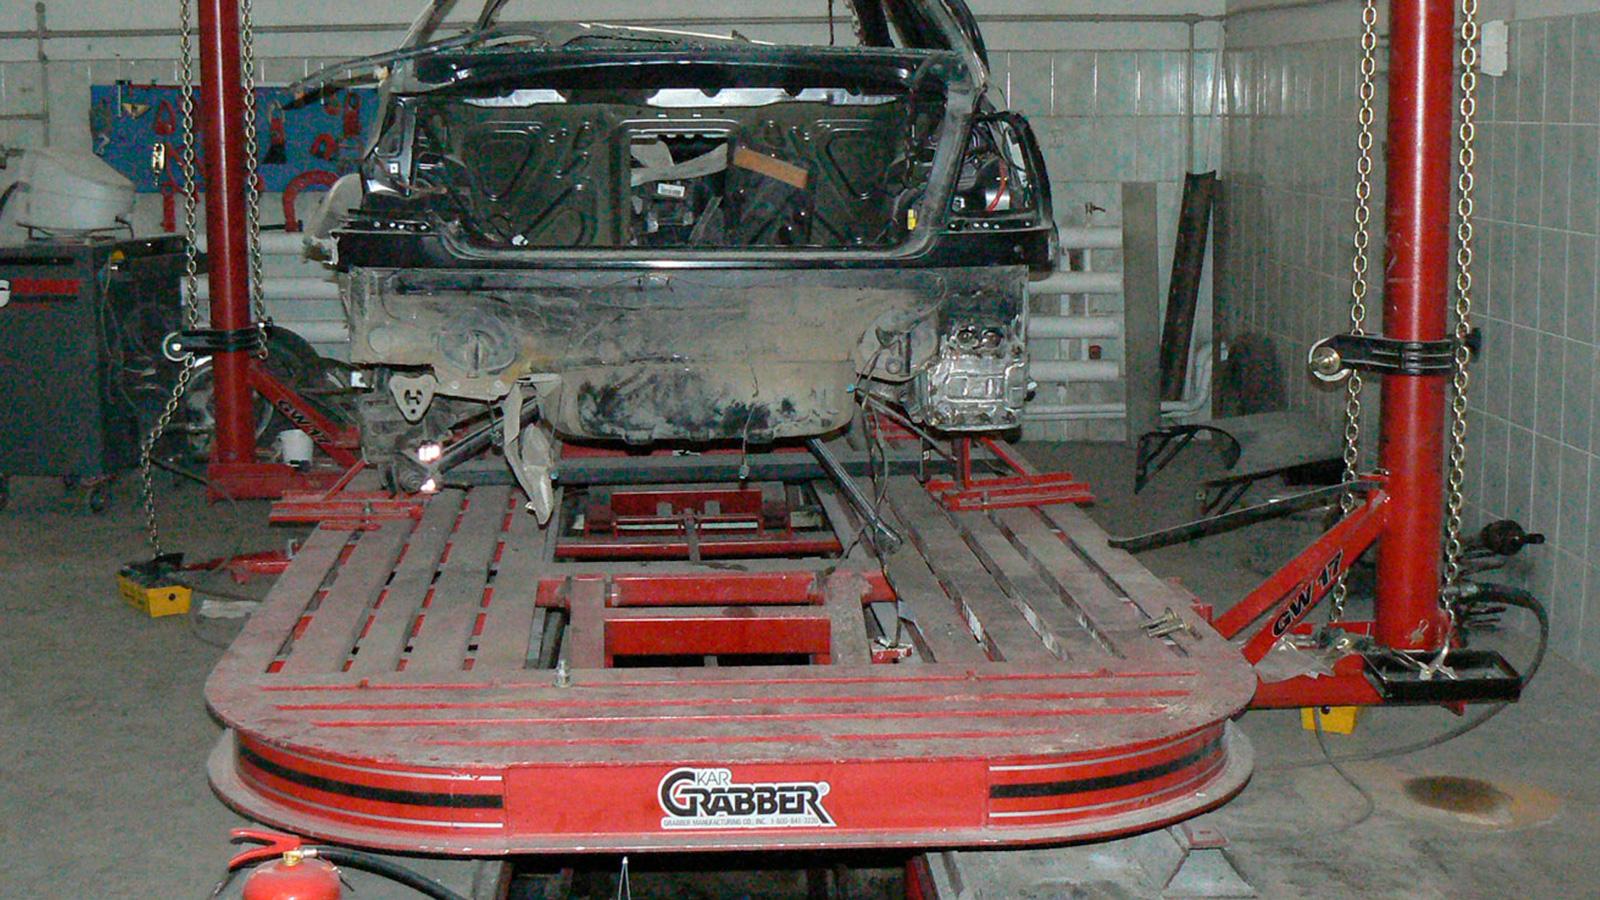 Стапель для кузовного ремонта Kar Grabber G Force